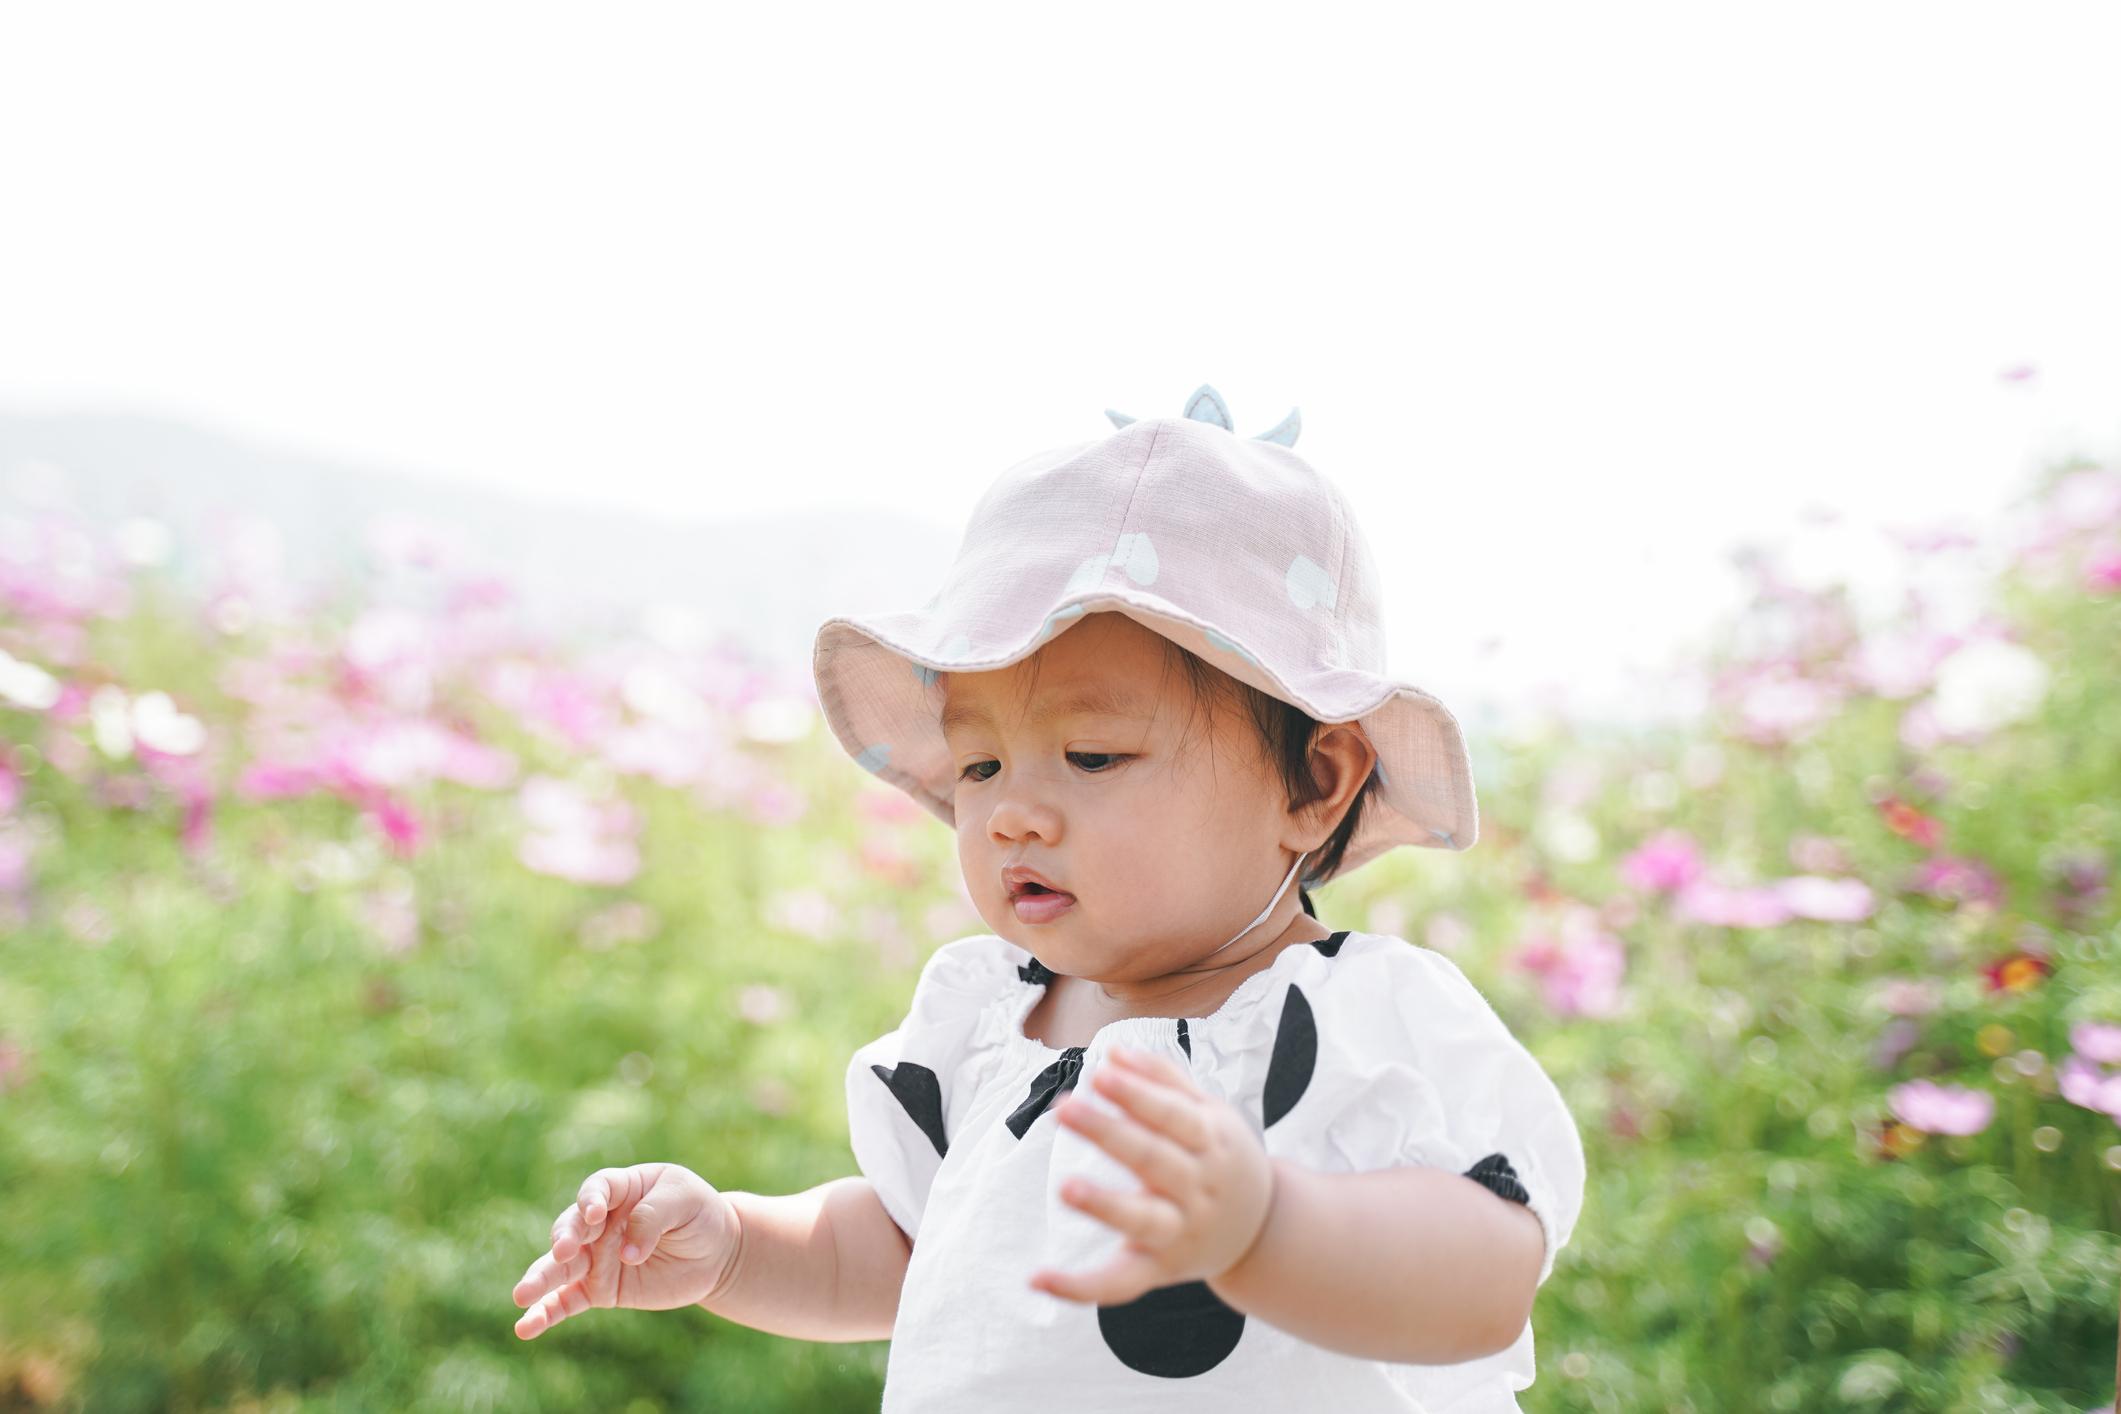 Un chapeau de soleil et des vêtements en coton permettent de rafraîchir un bébé en pleine chaleur.